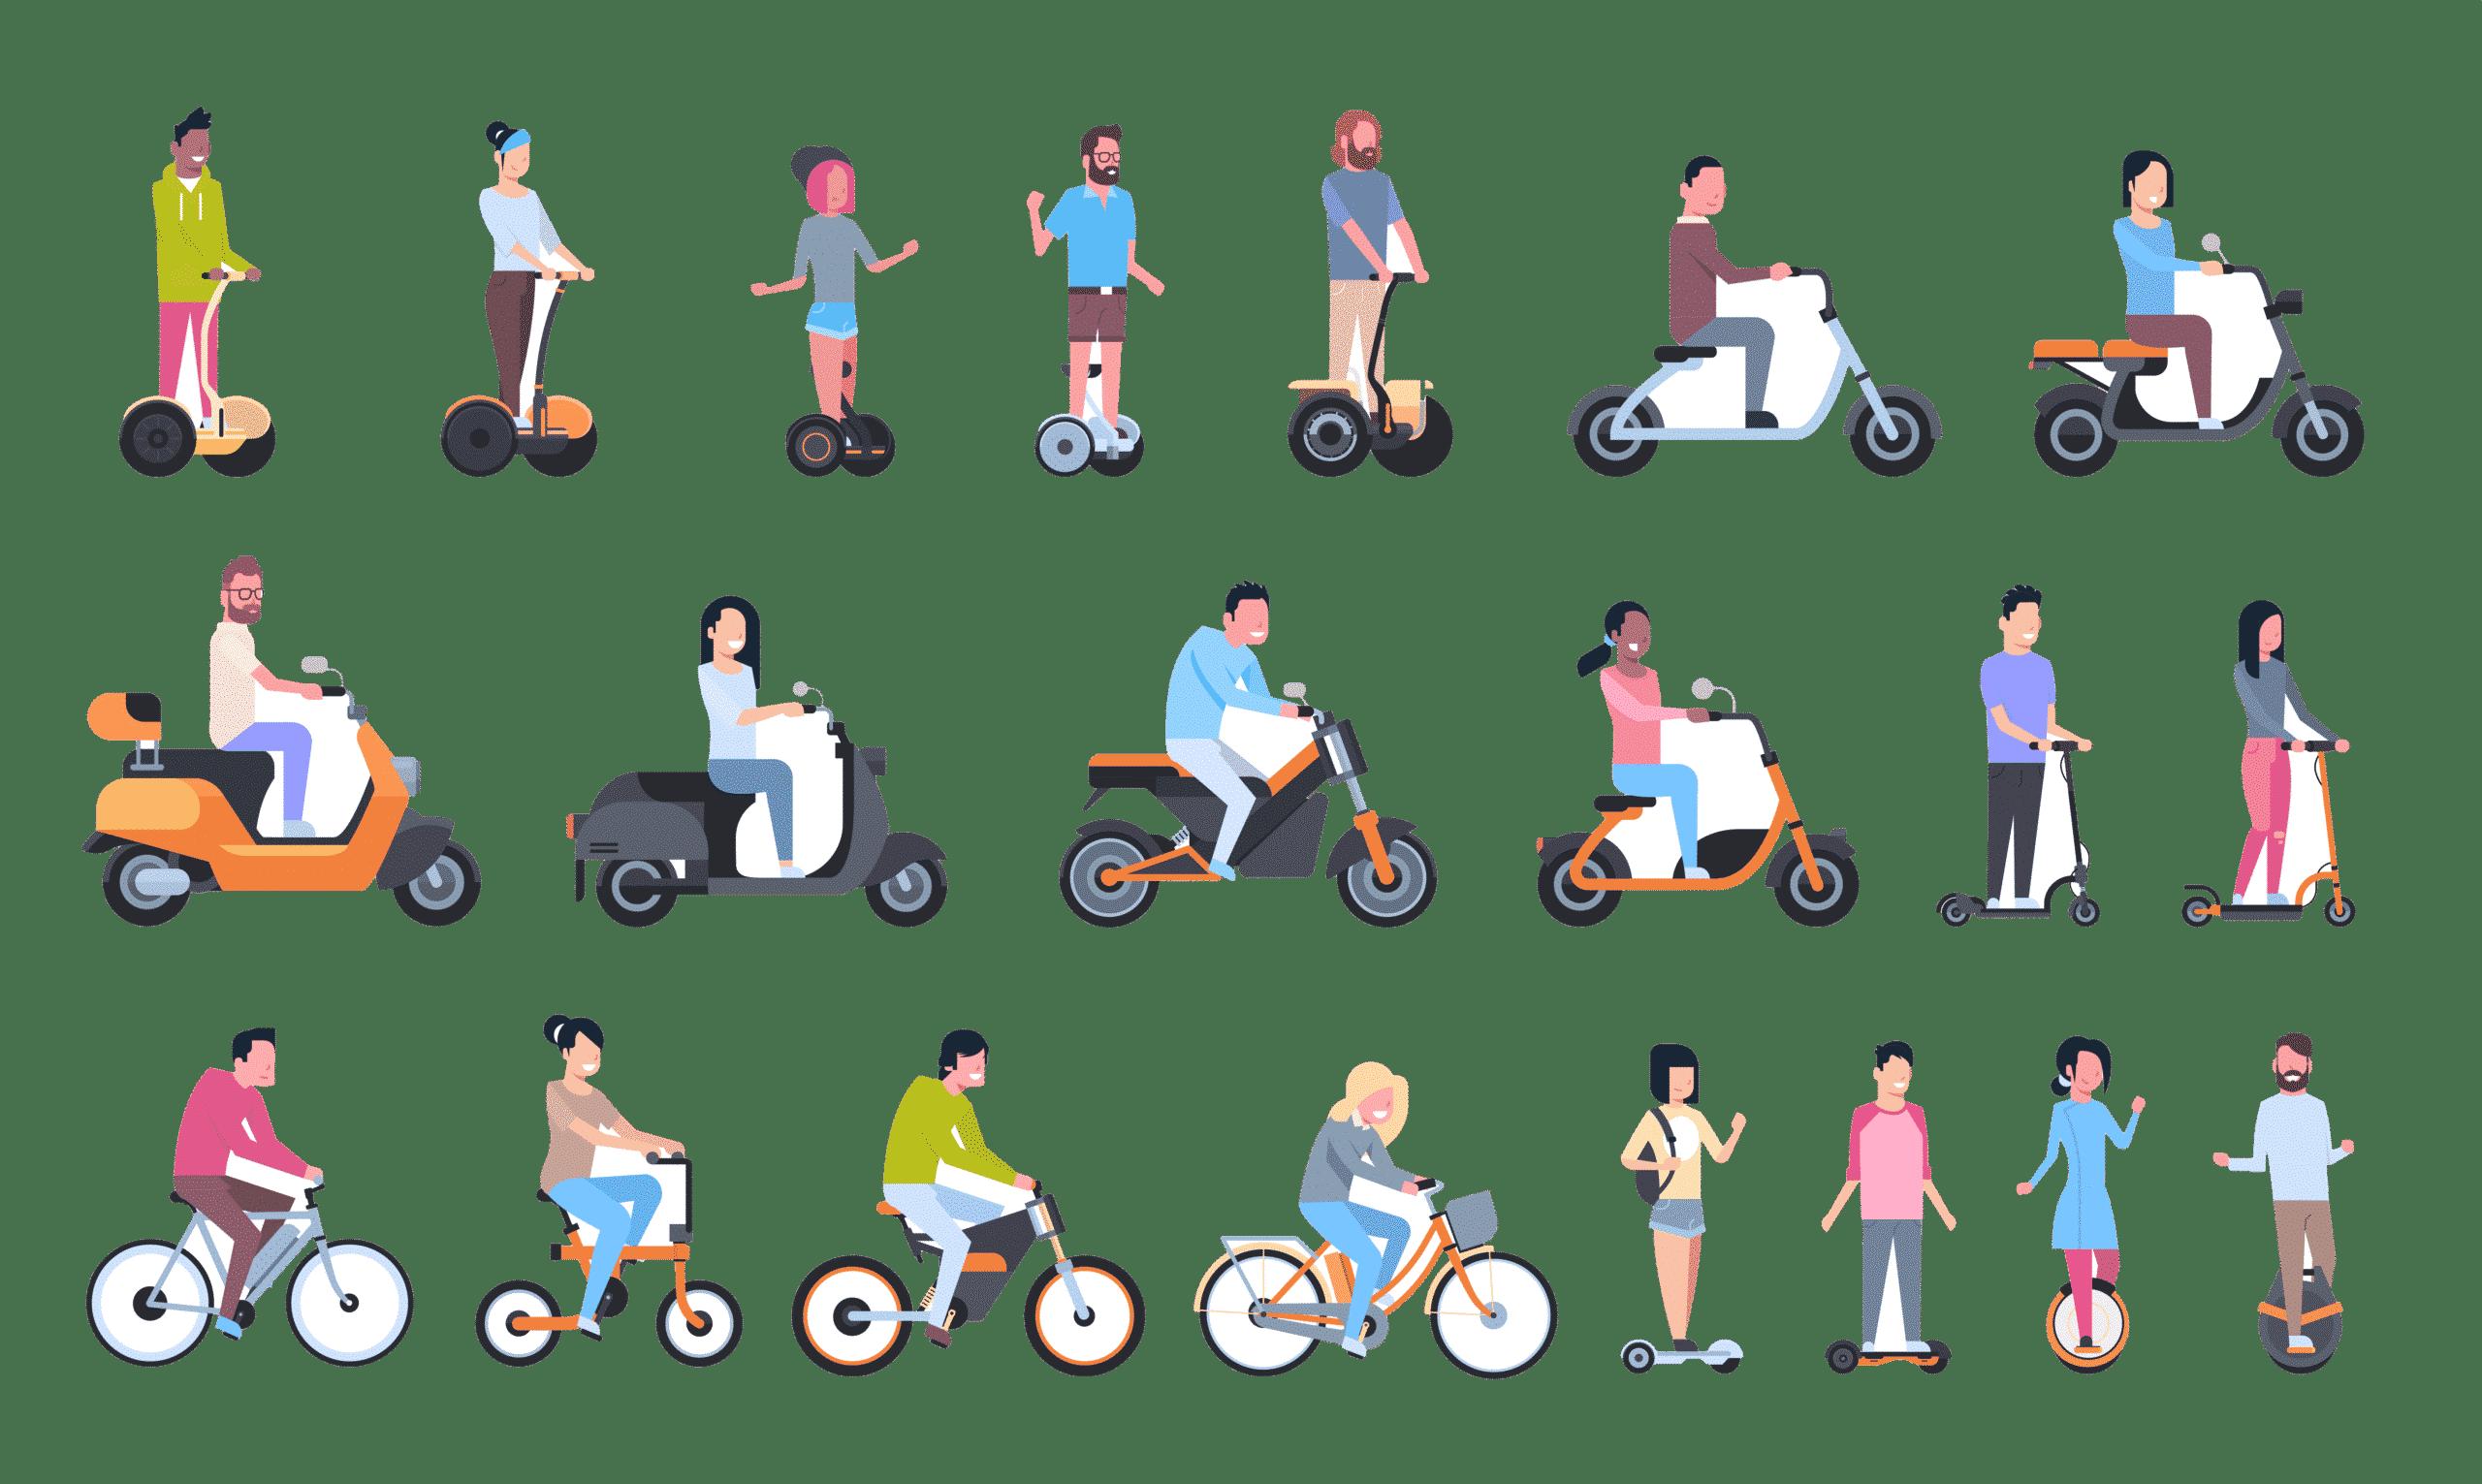 Hoverboard-et-gyropode-avec-trottinette-electrque-et-vélo-electrique-1